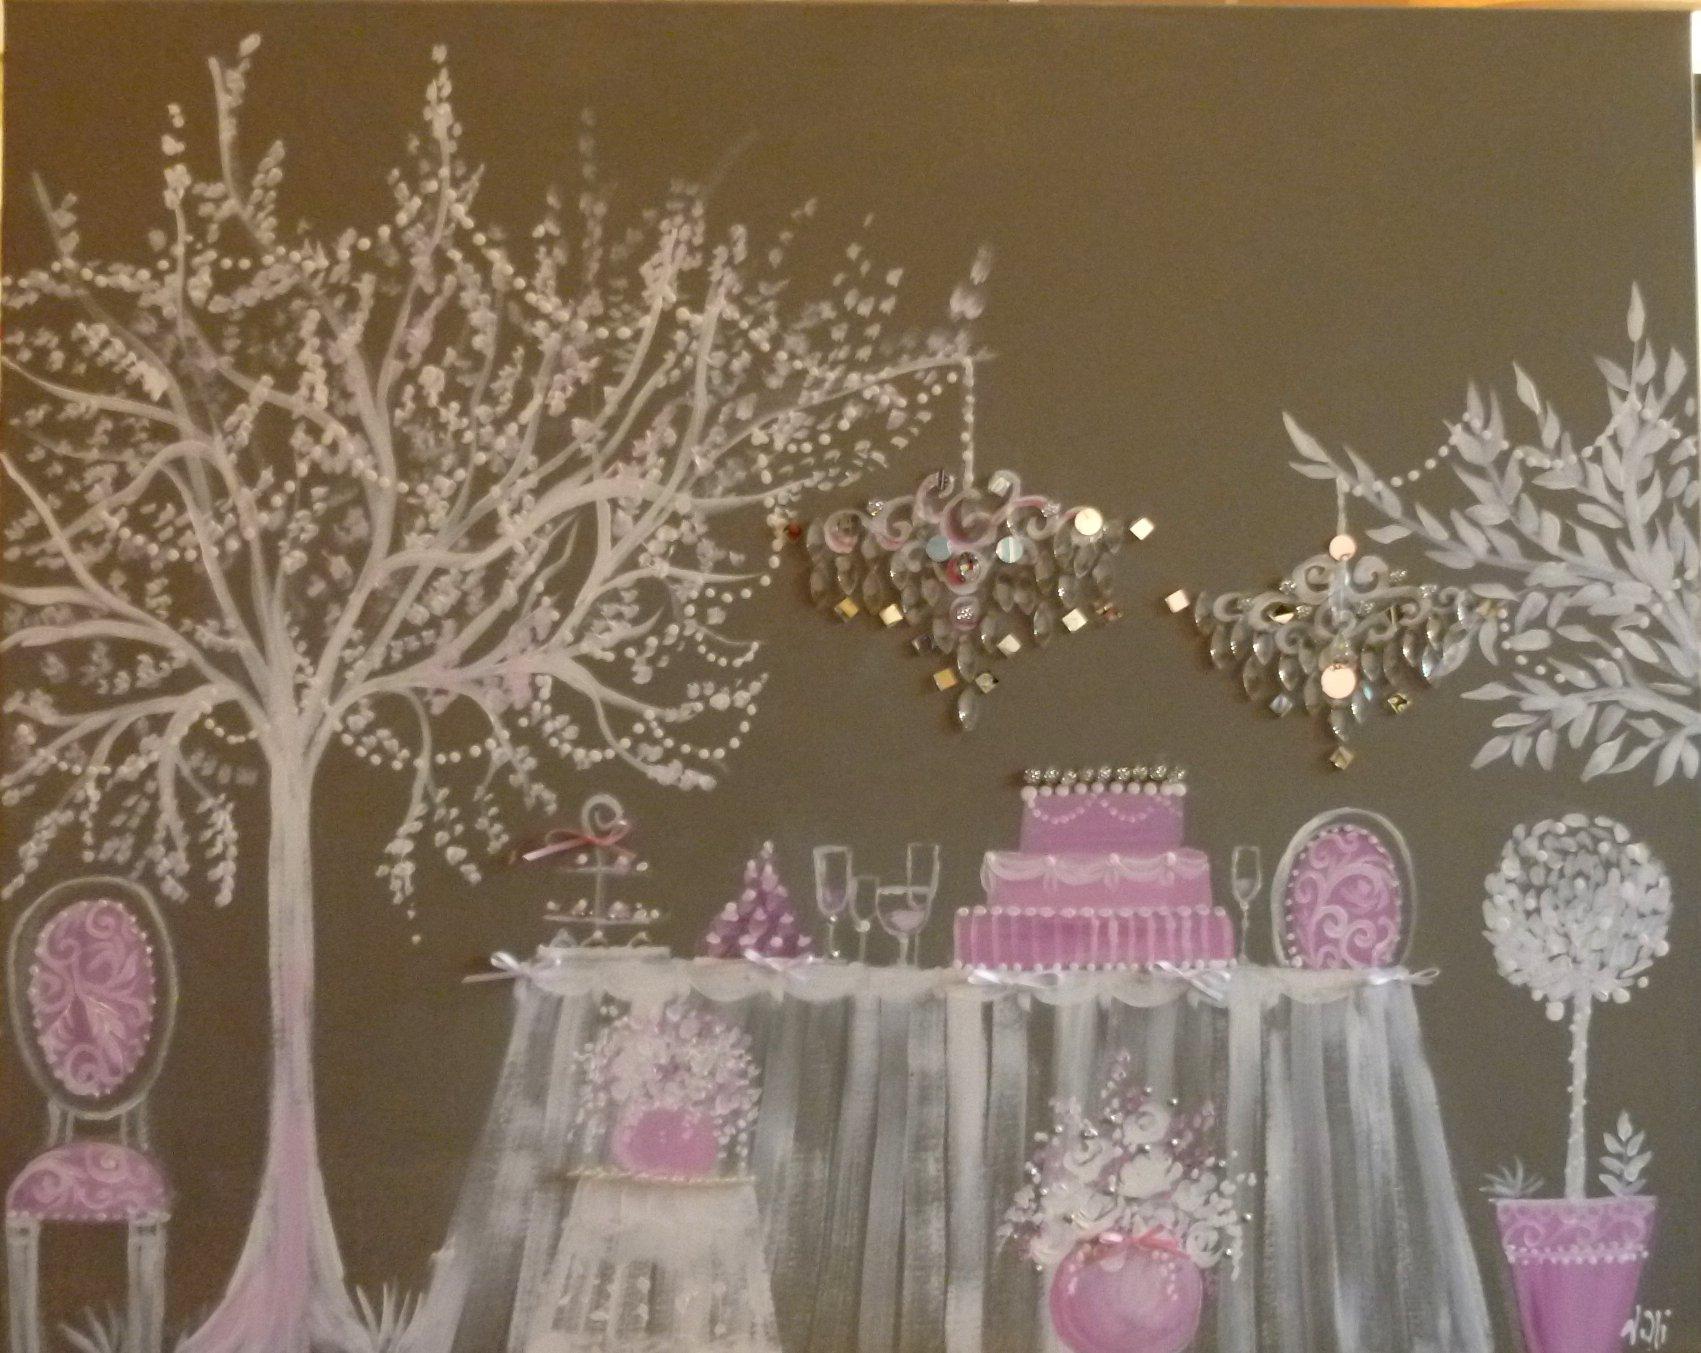 Banquet sous l'arbre 100x80